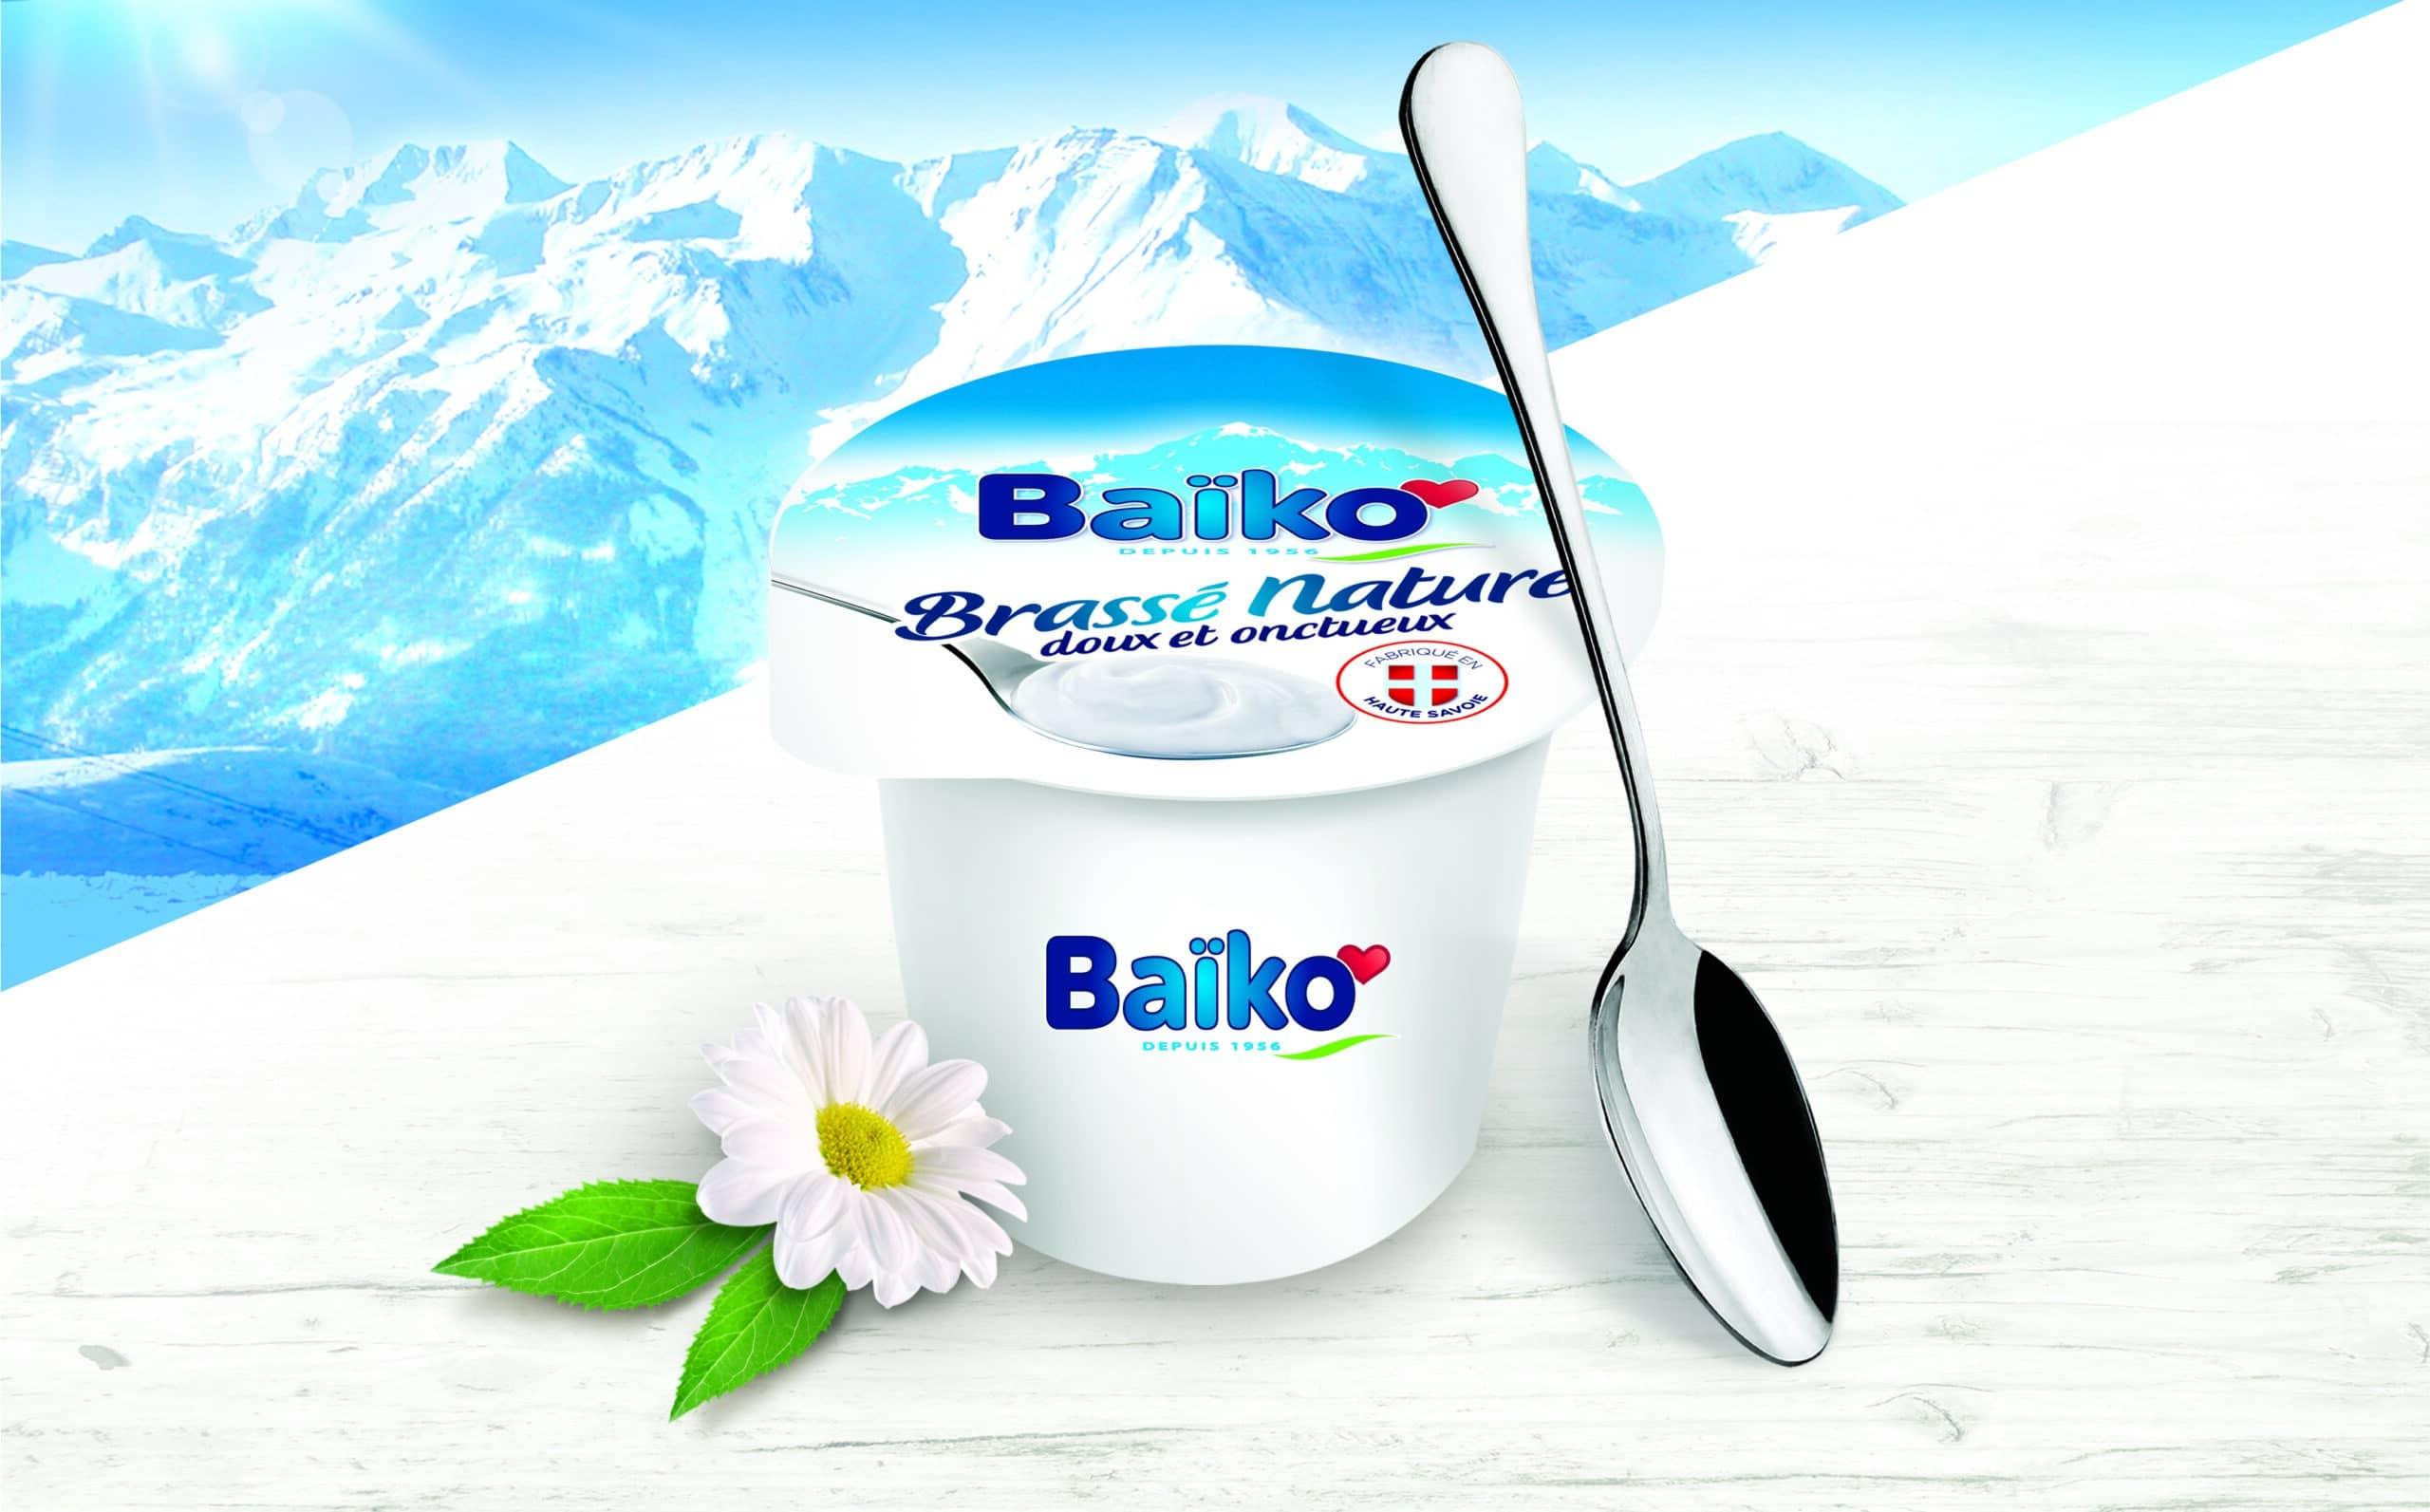 Baiko2